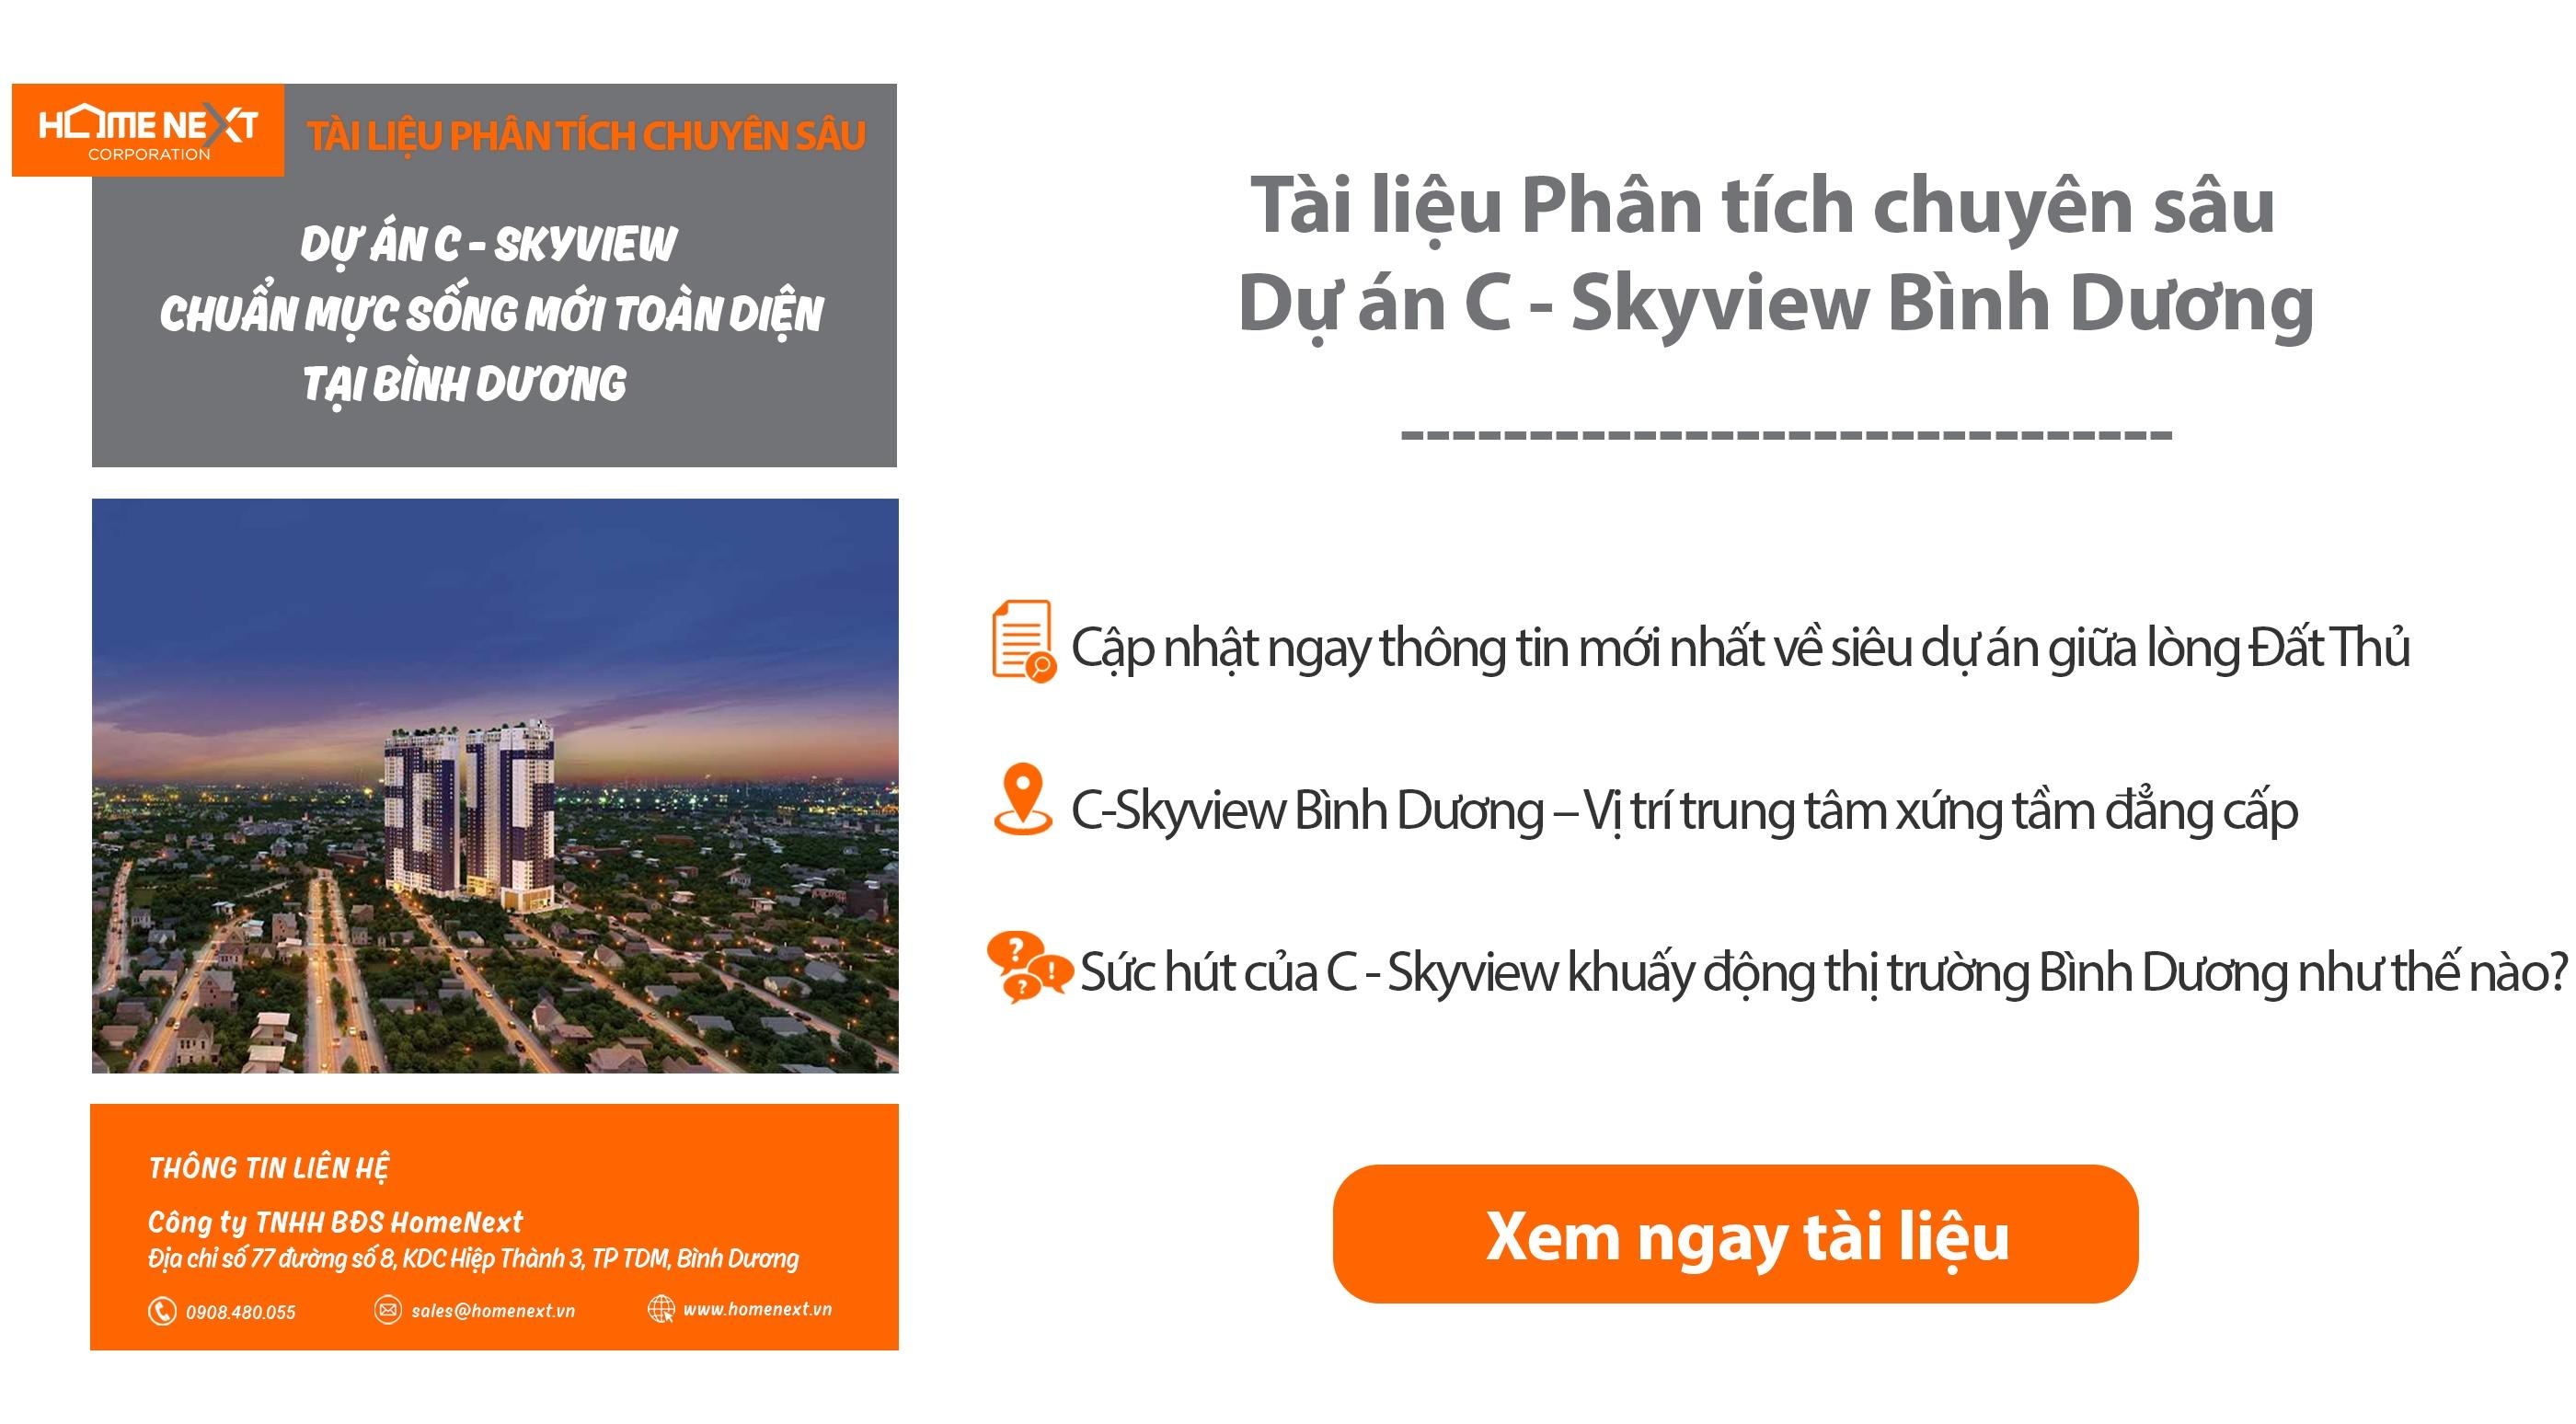 dự án skyview bình dương, căn hộ skyview bình dương, căn hộ skyview chánh nghĩa bình dương, c skyview bình dương, skyview chánh nghĩa